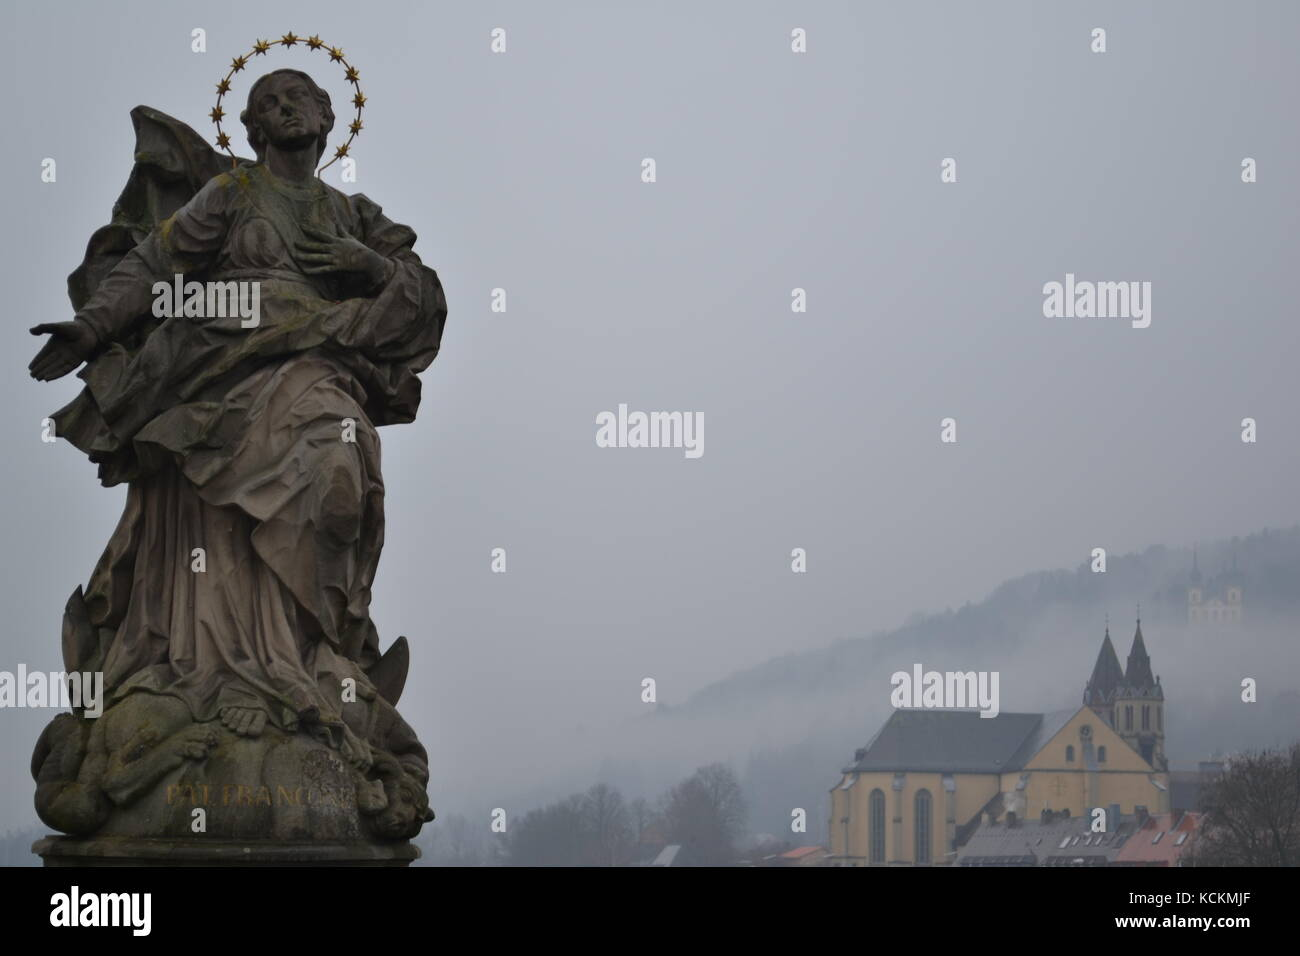 Estátua de Anjo Alemanha Immagini Stock